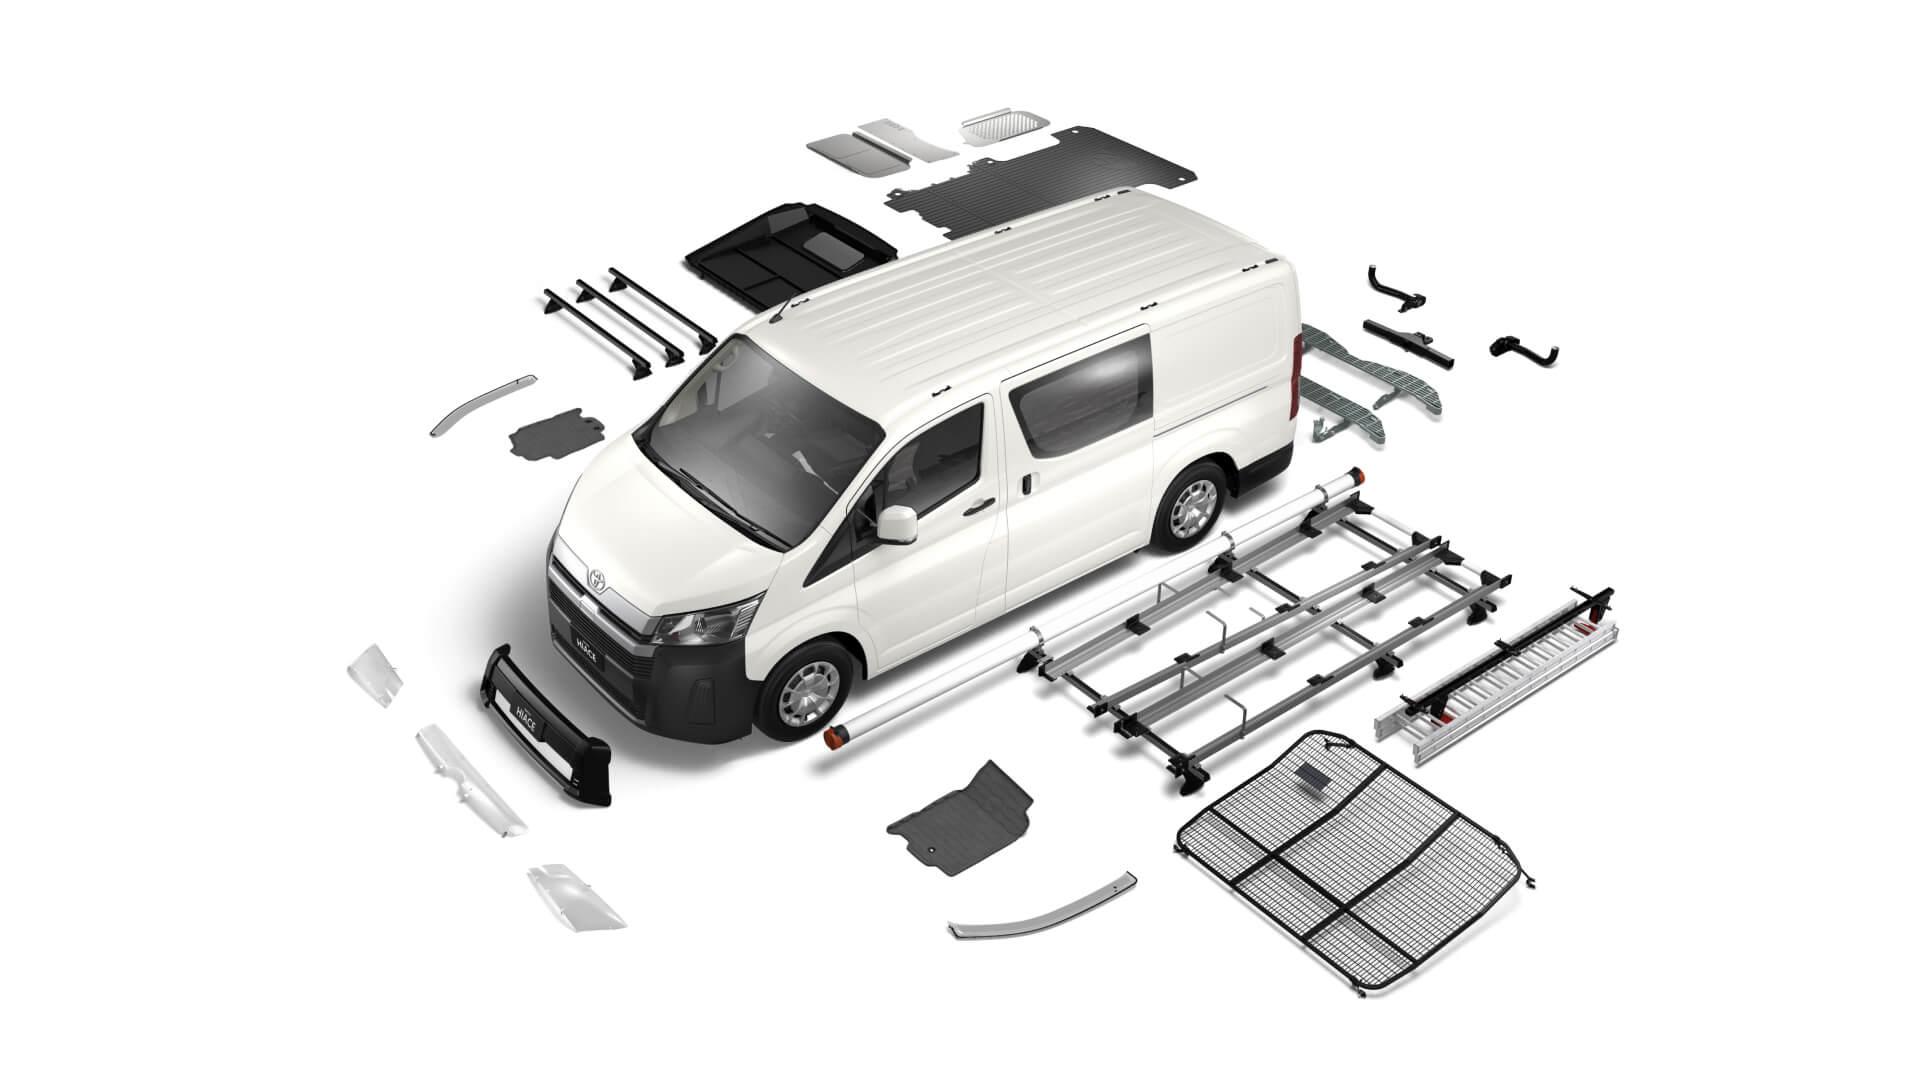 Toyota HiAce Accessories